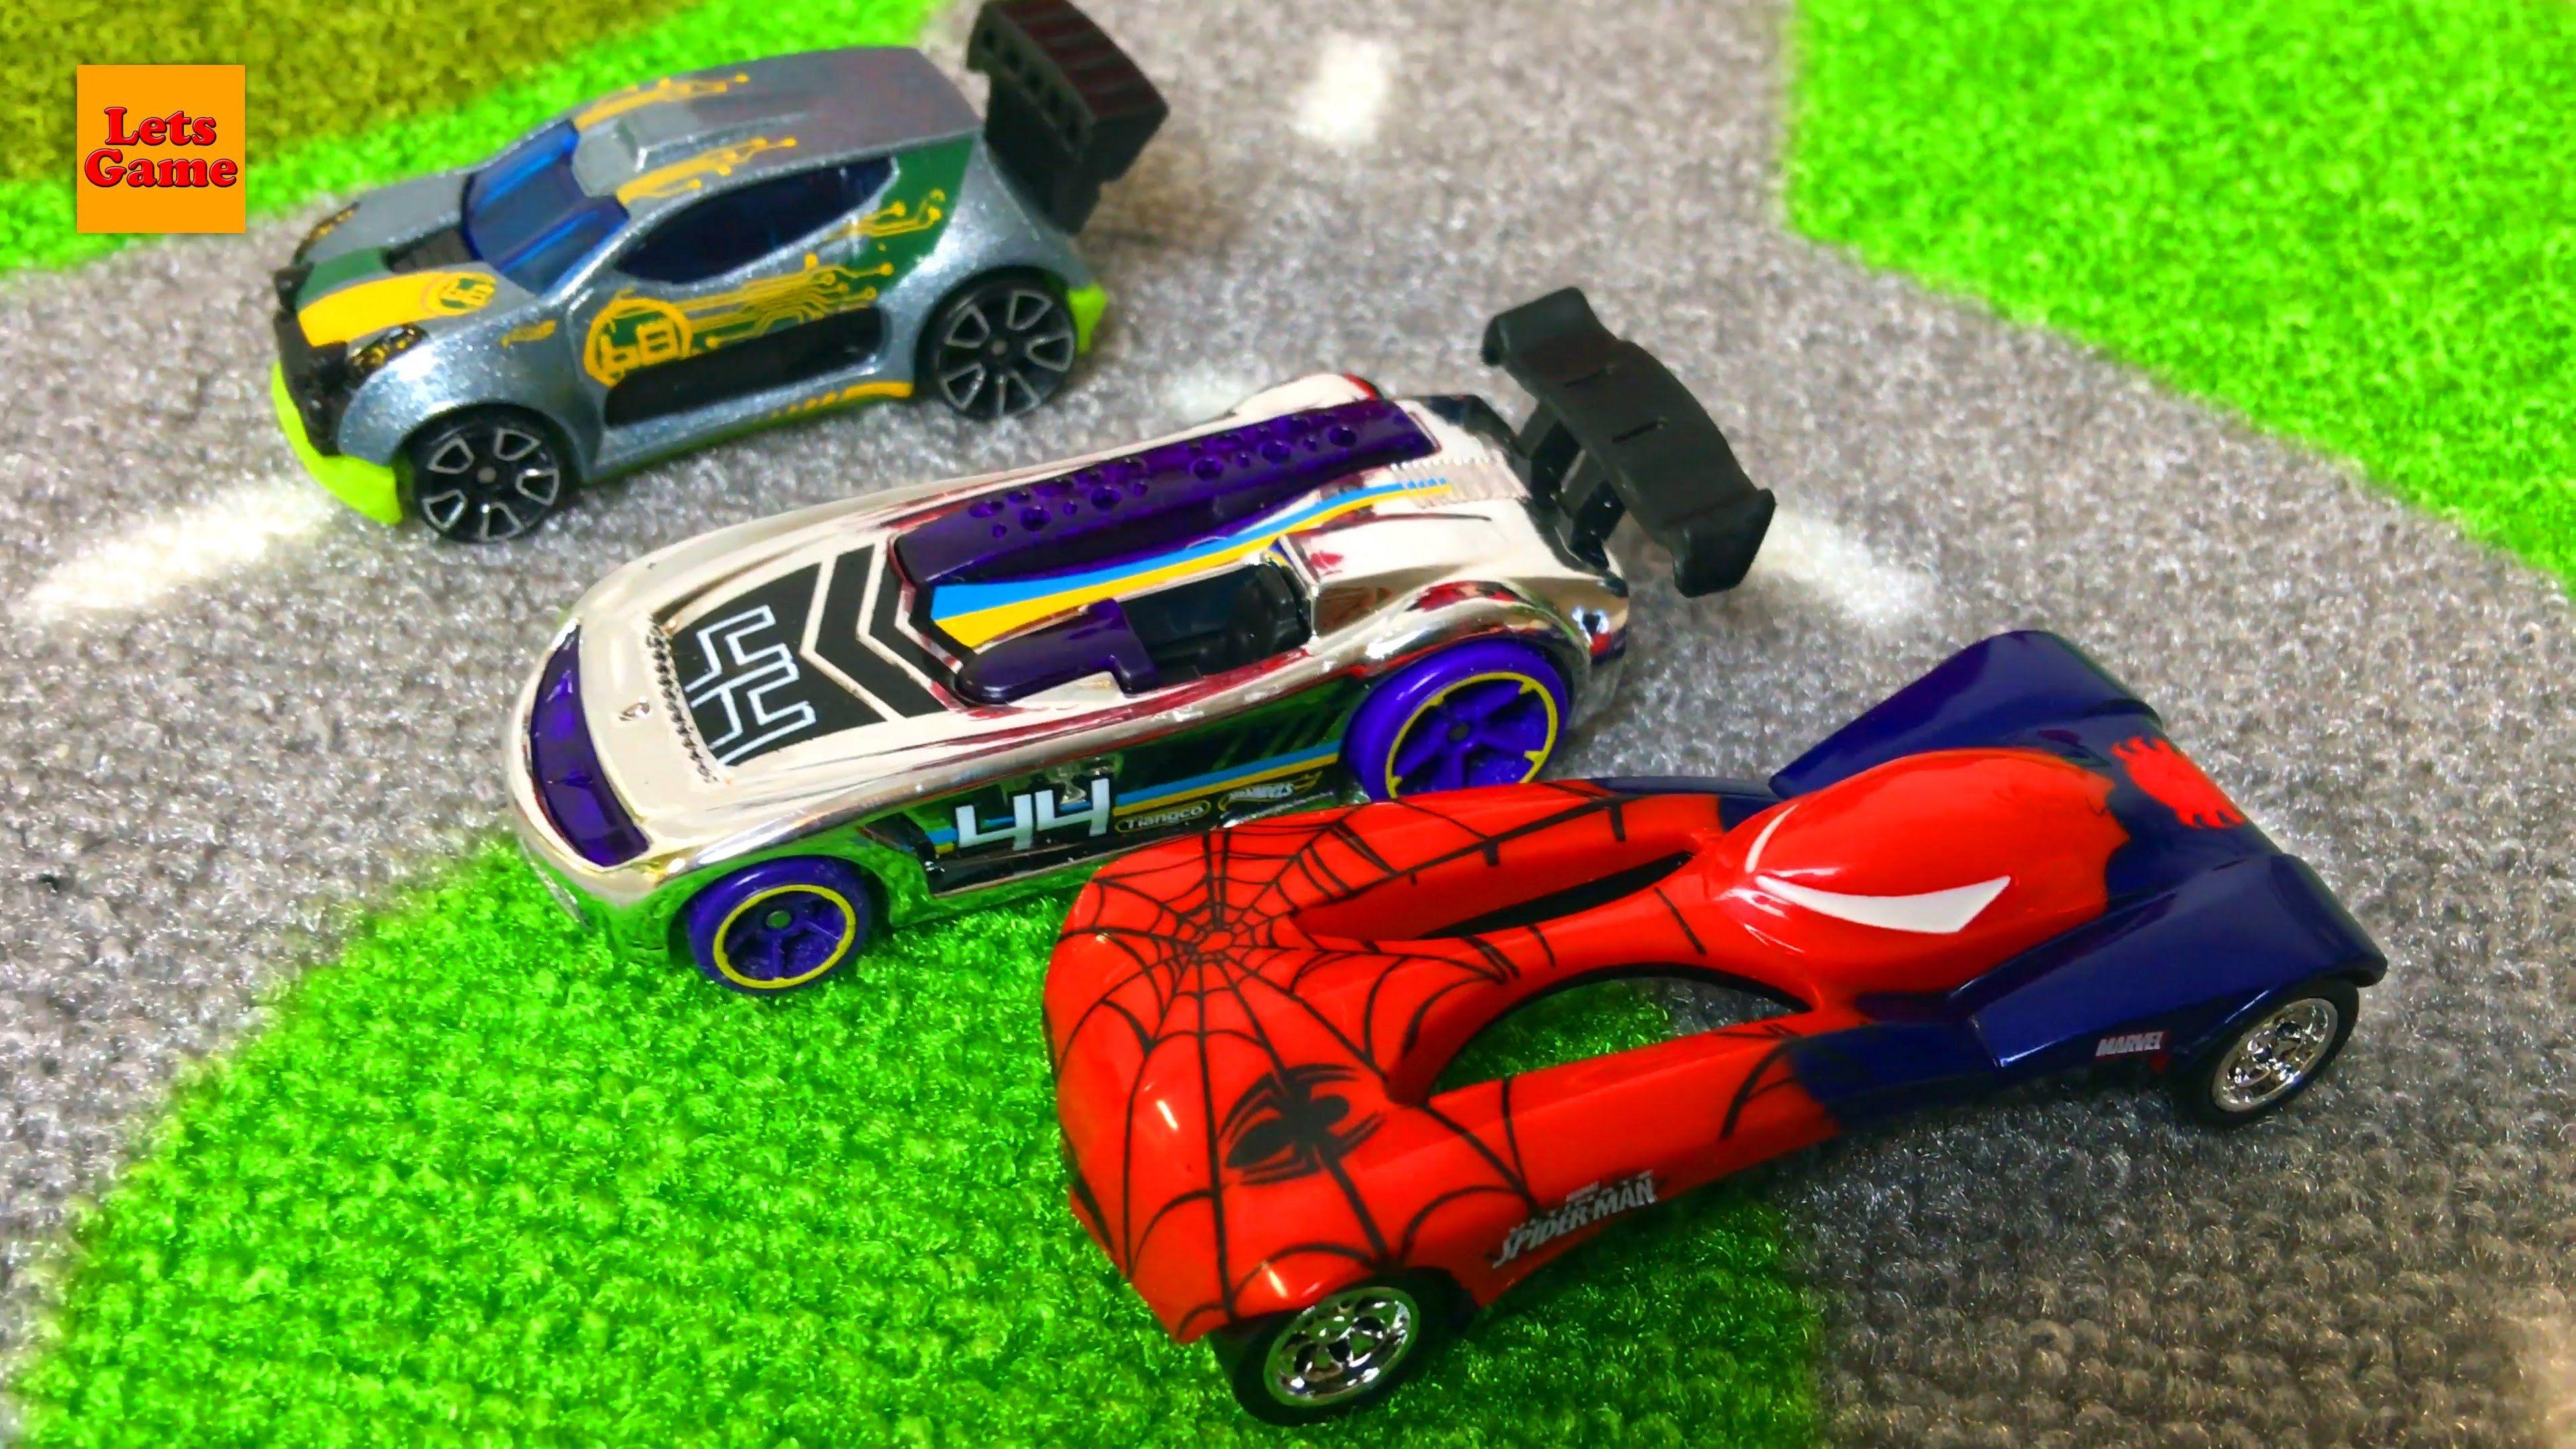 Supergeroj Spajdermen Otkryvaet Mashinki Hot Vils Spider Man Hot Wheels Cars